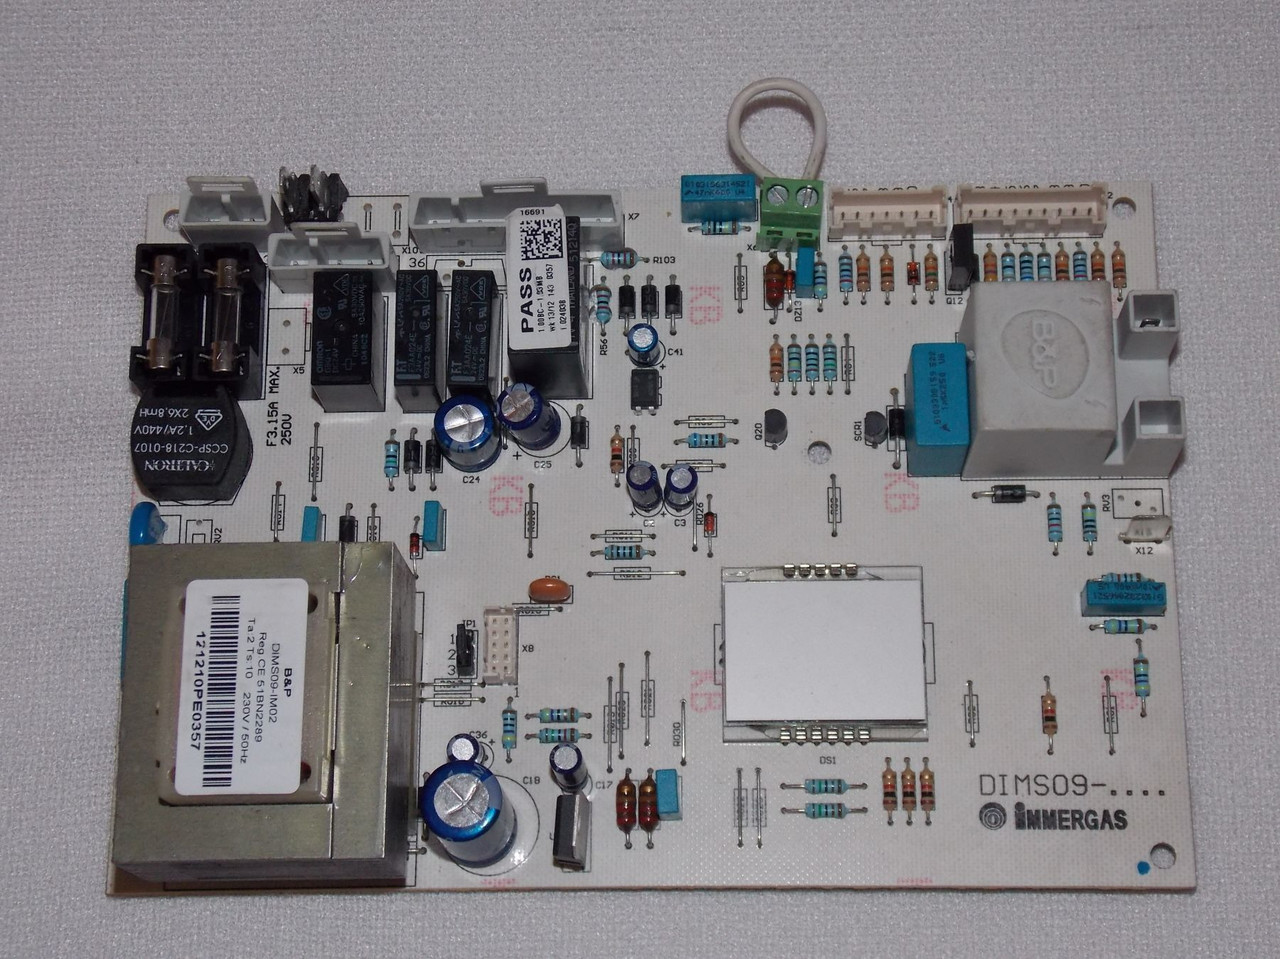 Плата управління Immergas Nike,Eolo Mini 23 KW - 1.024038